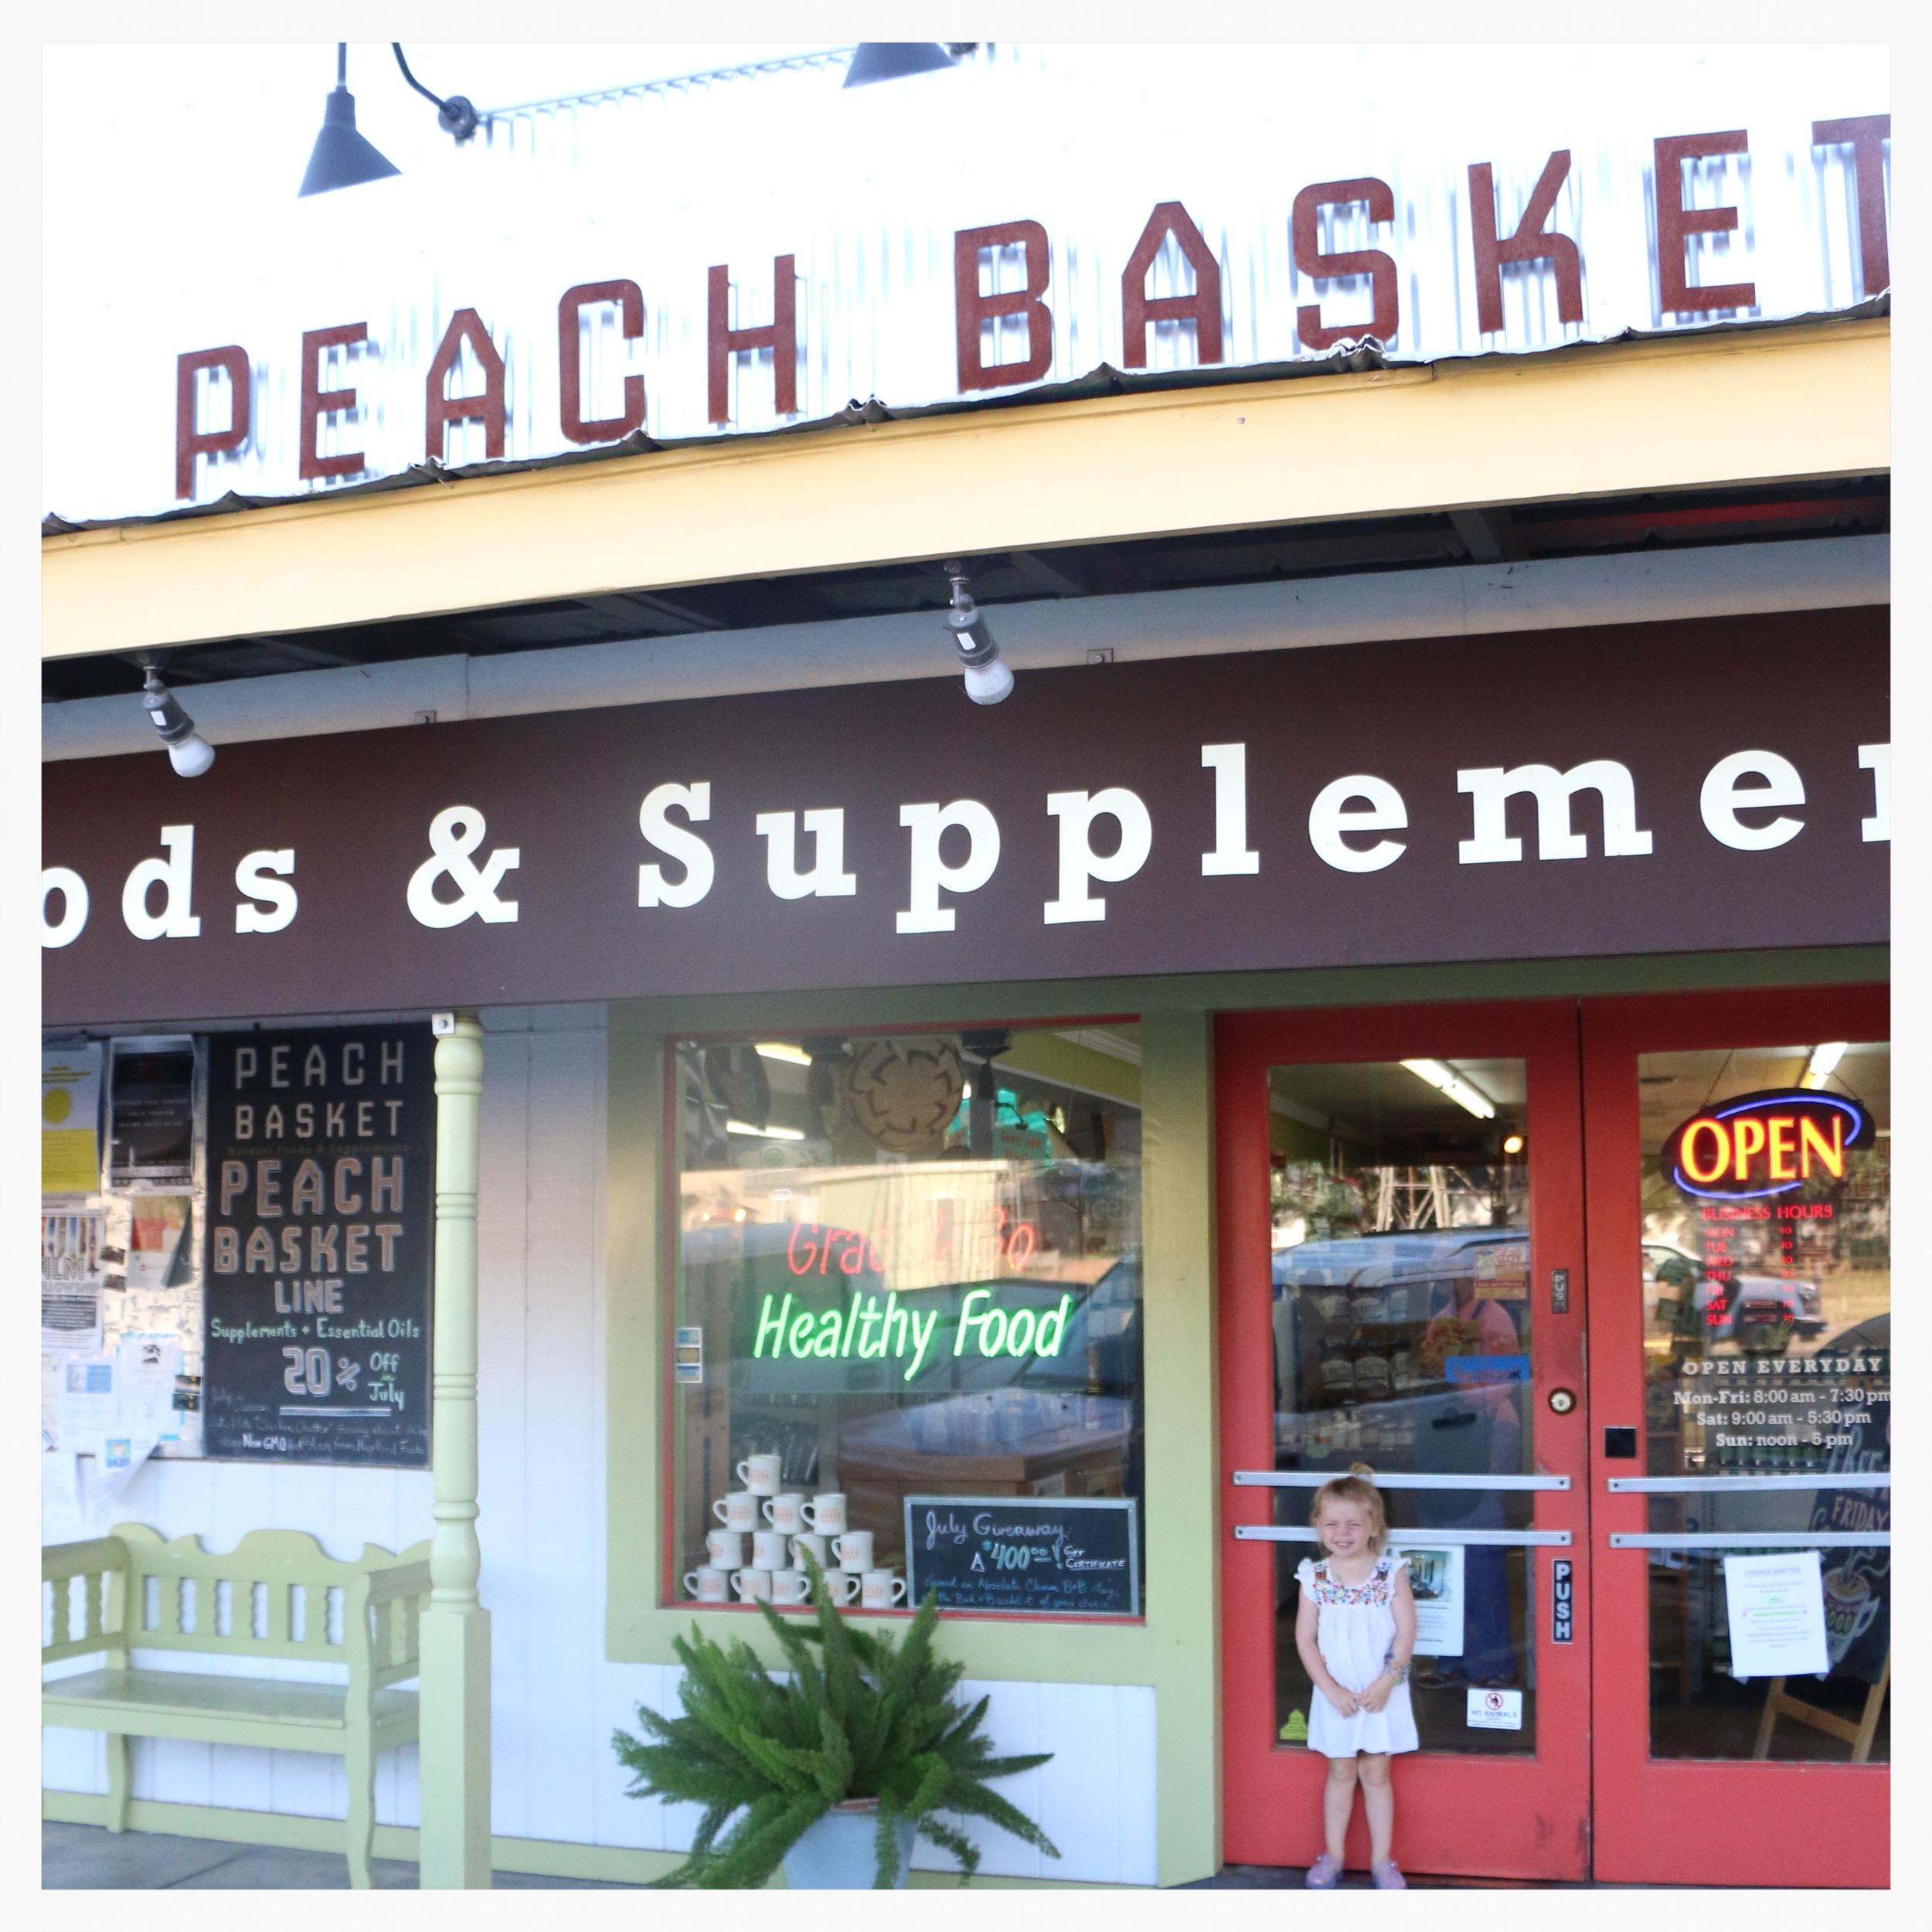 The Peach Basket